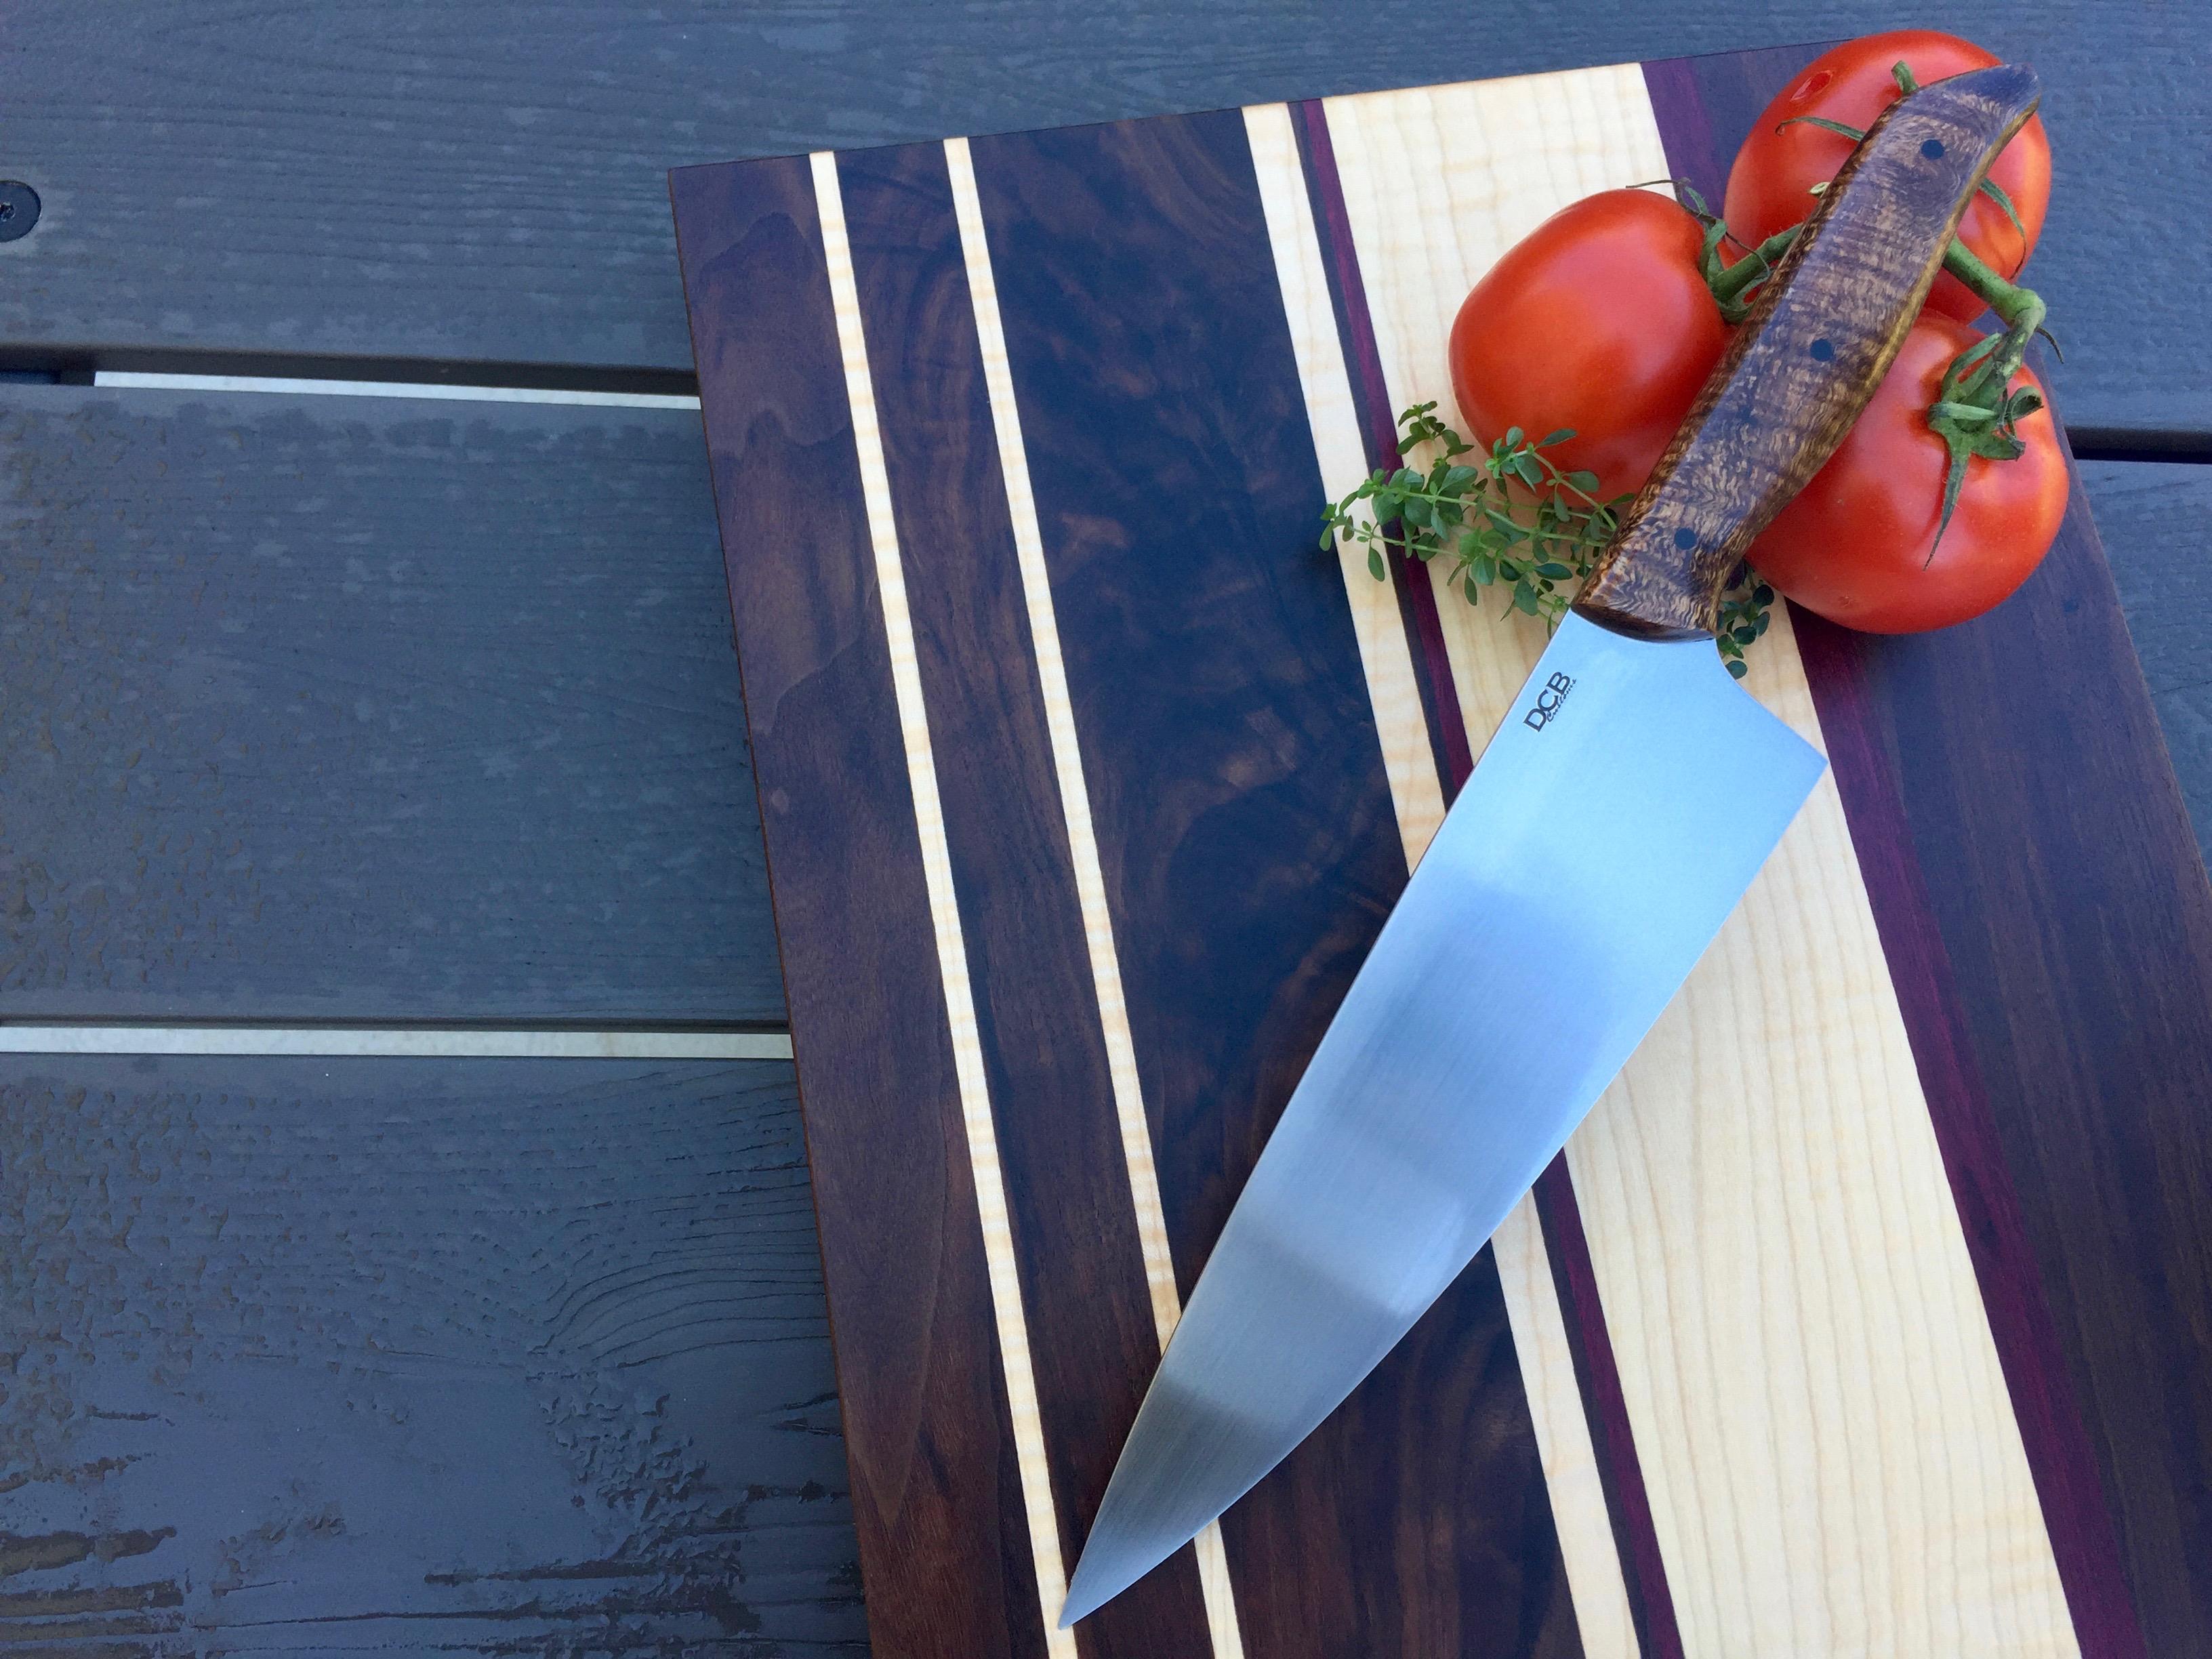 Koa Chef and Figured Board